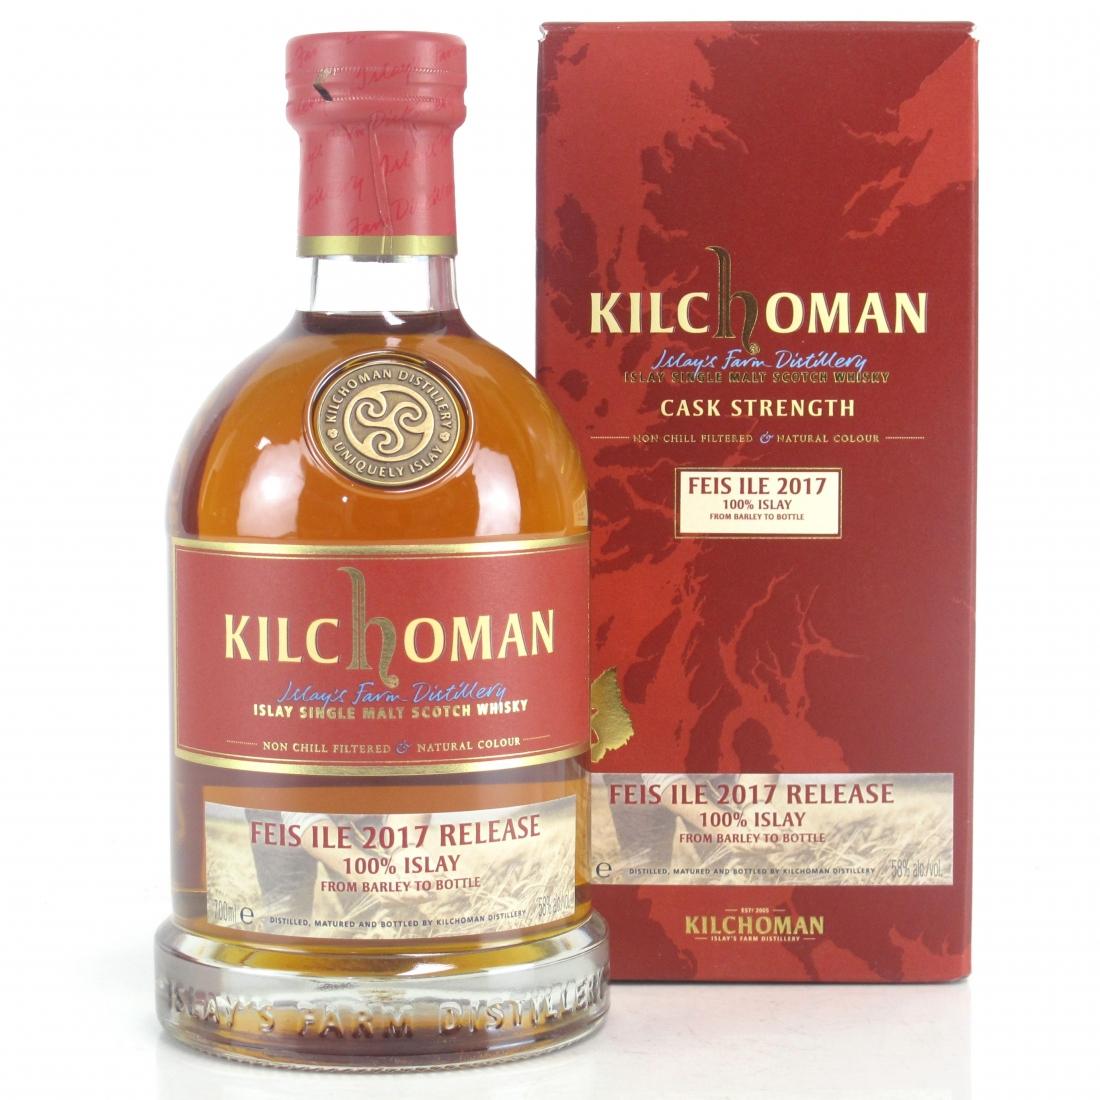 Kilchoman 100% Islay Feis Ile 2017 Release